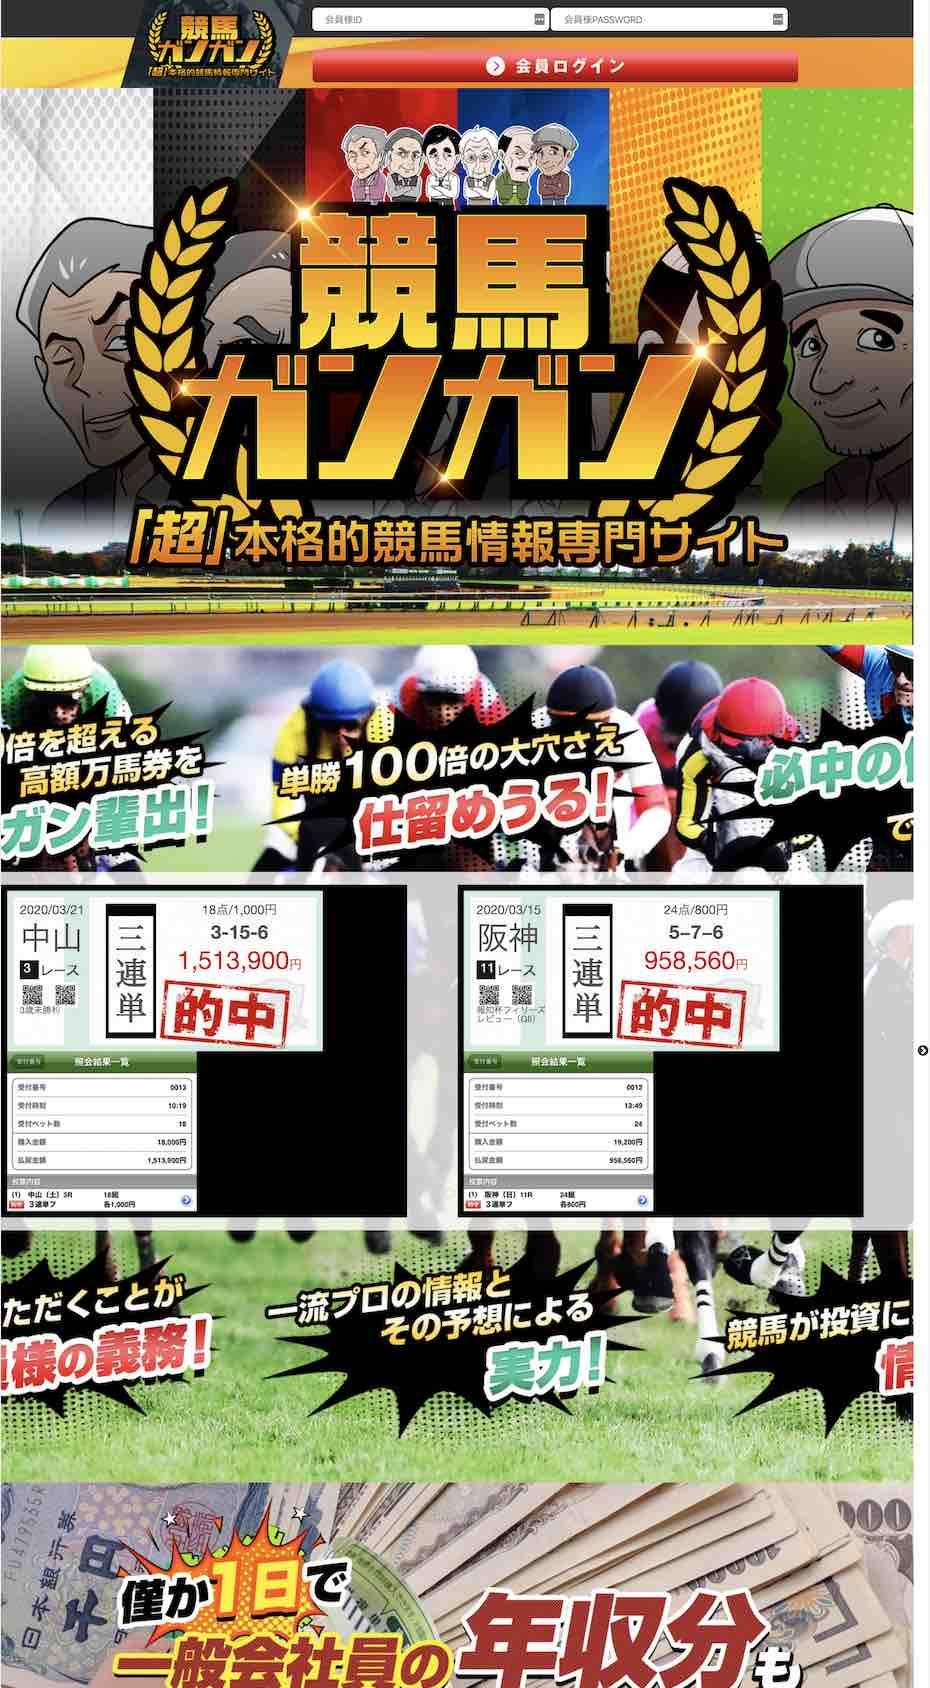 競馬ガンガンという競馬予想サイトの非会員TOP